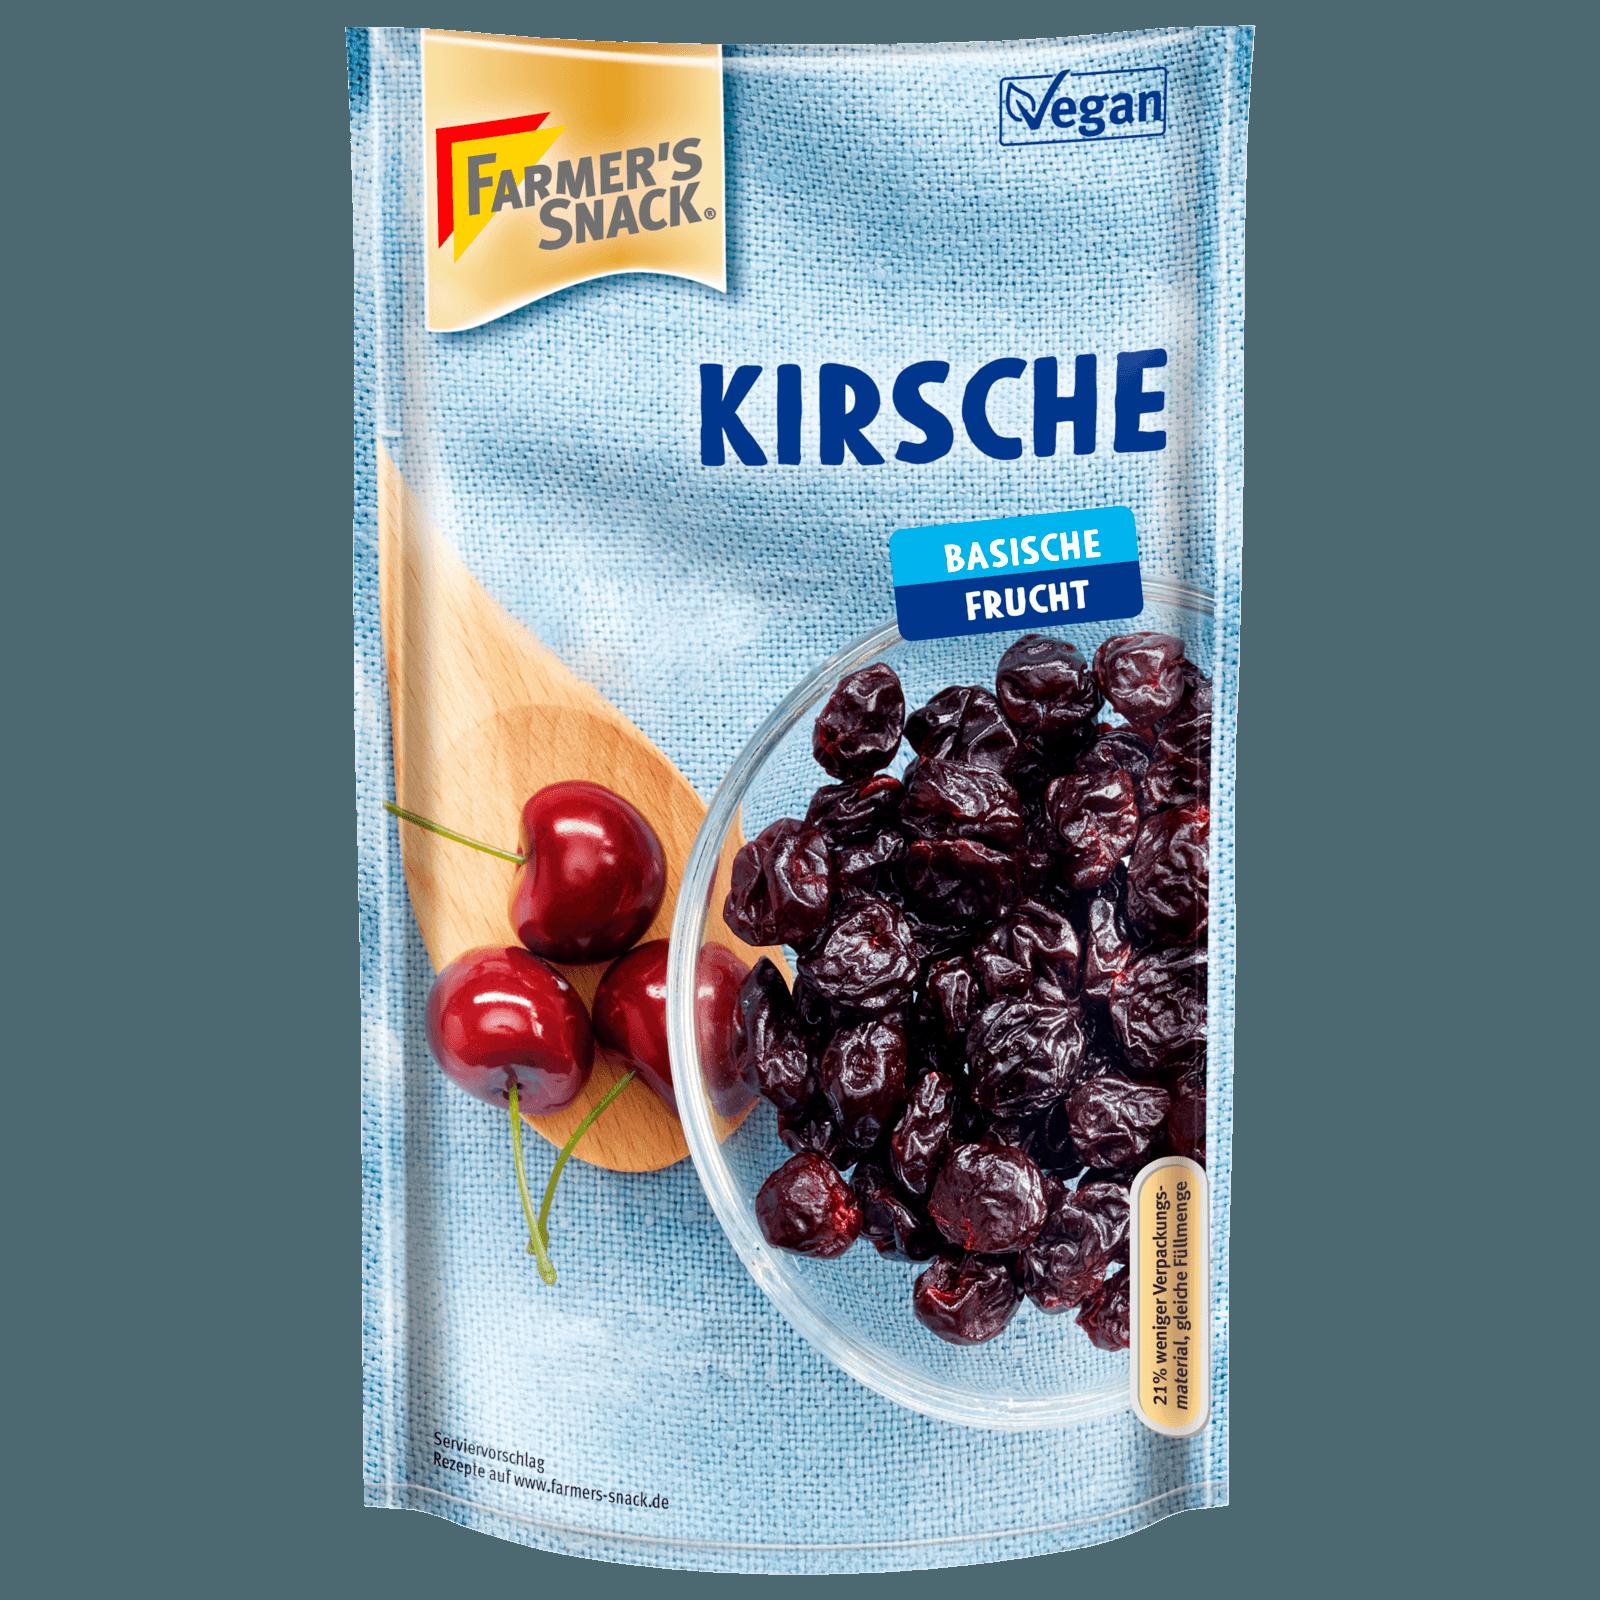 Farmer's Snack Kirschen 120g